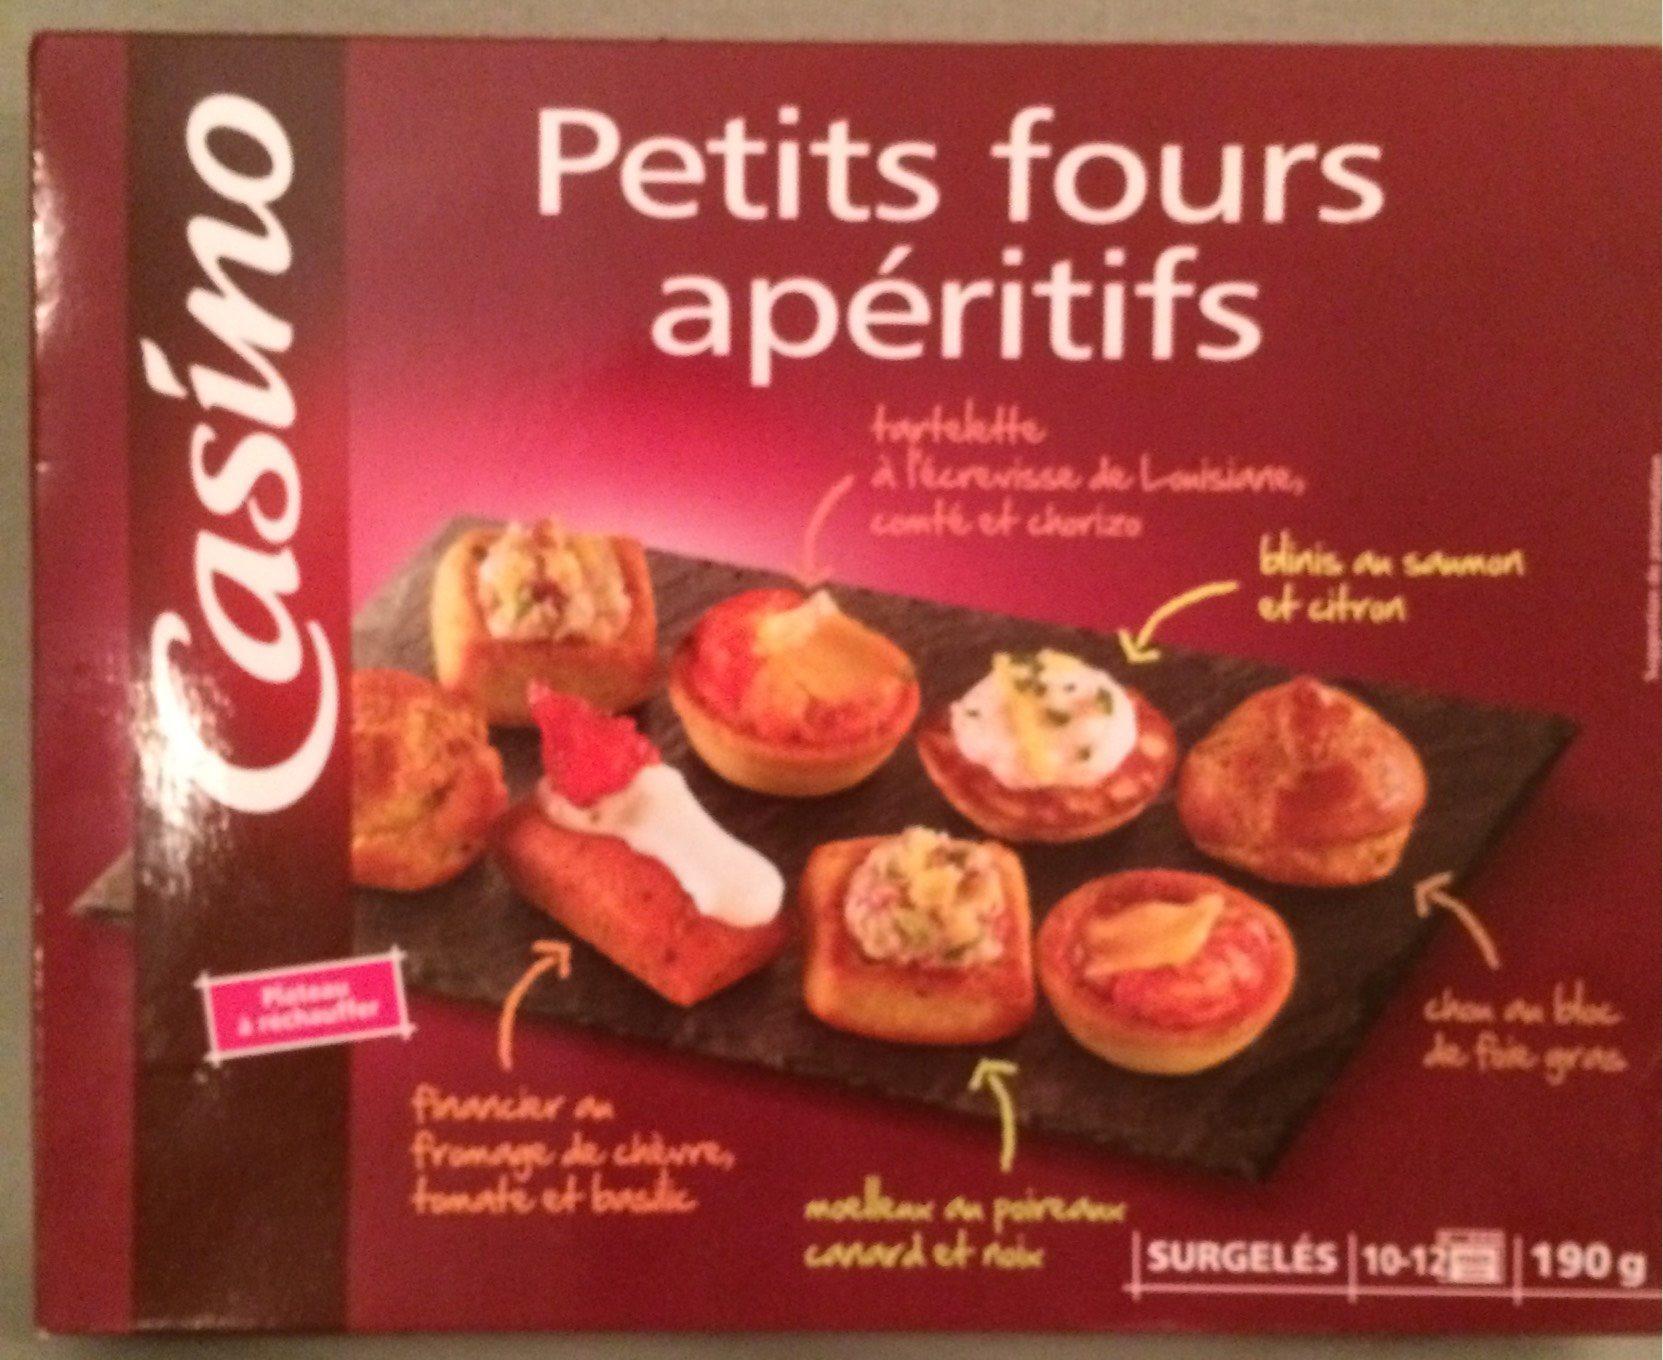 Petits fours apéritifs - Product - fr